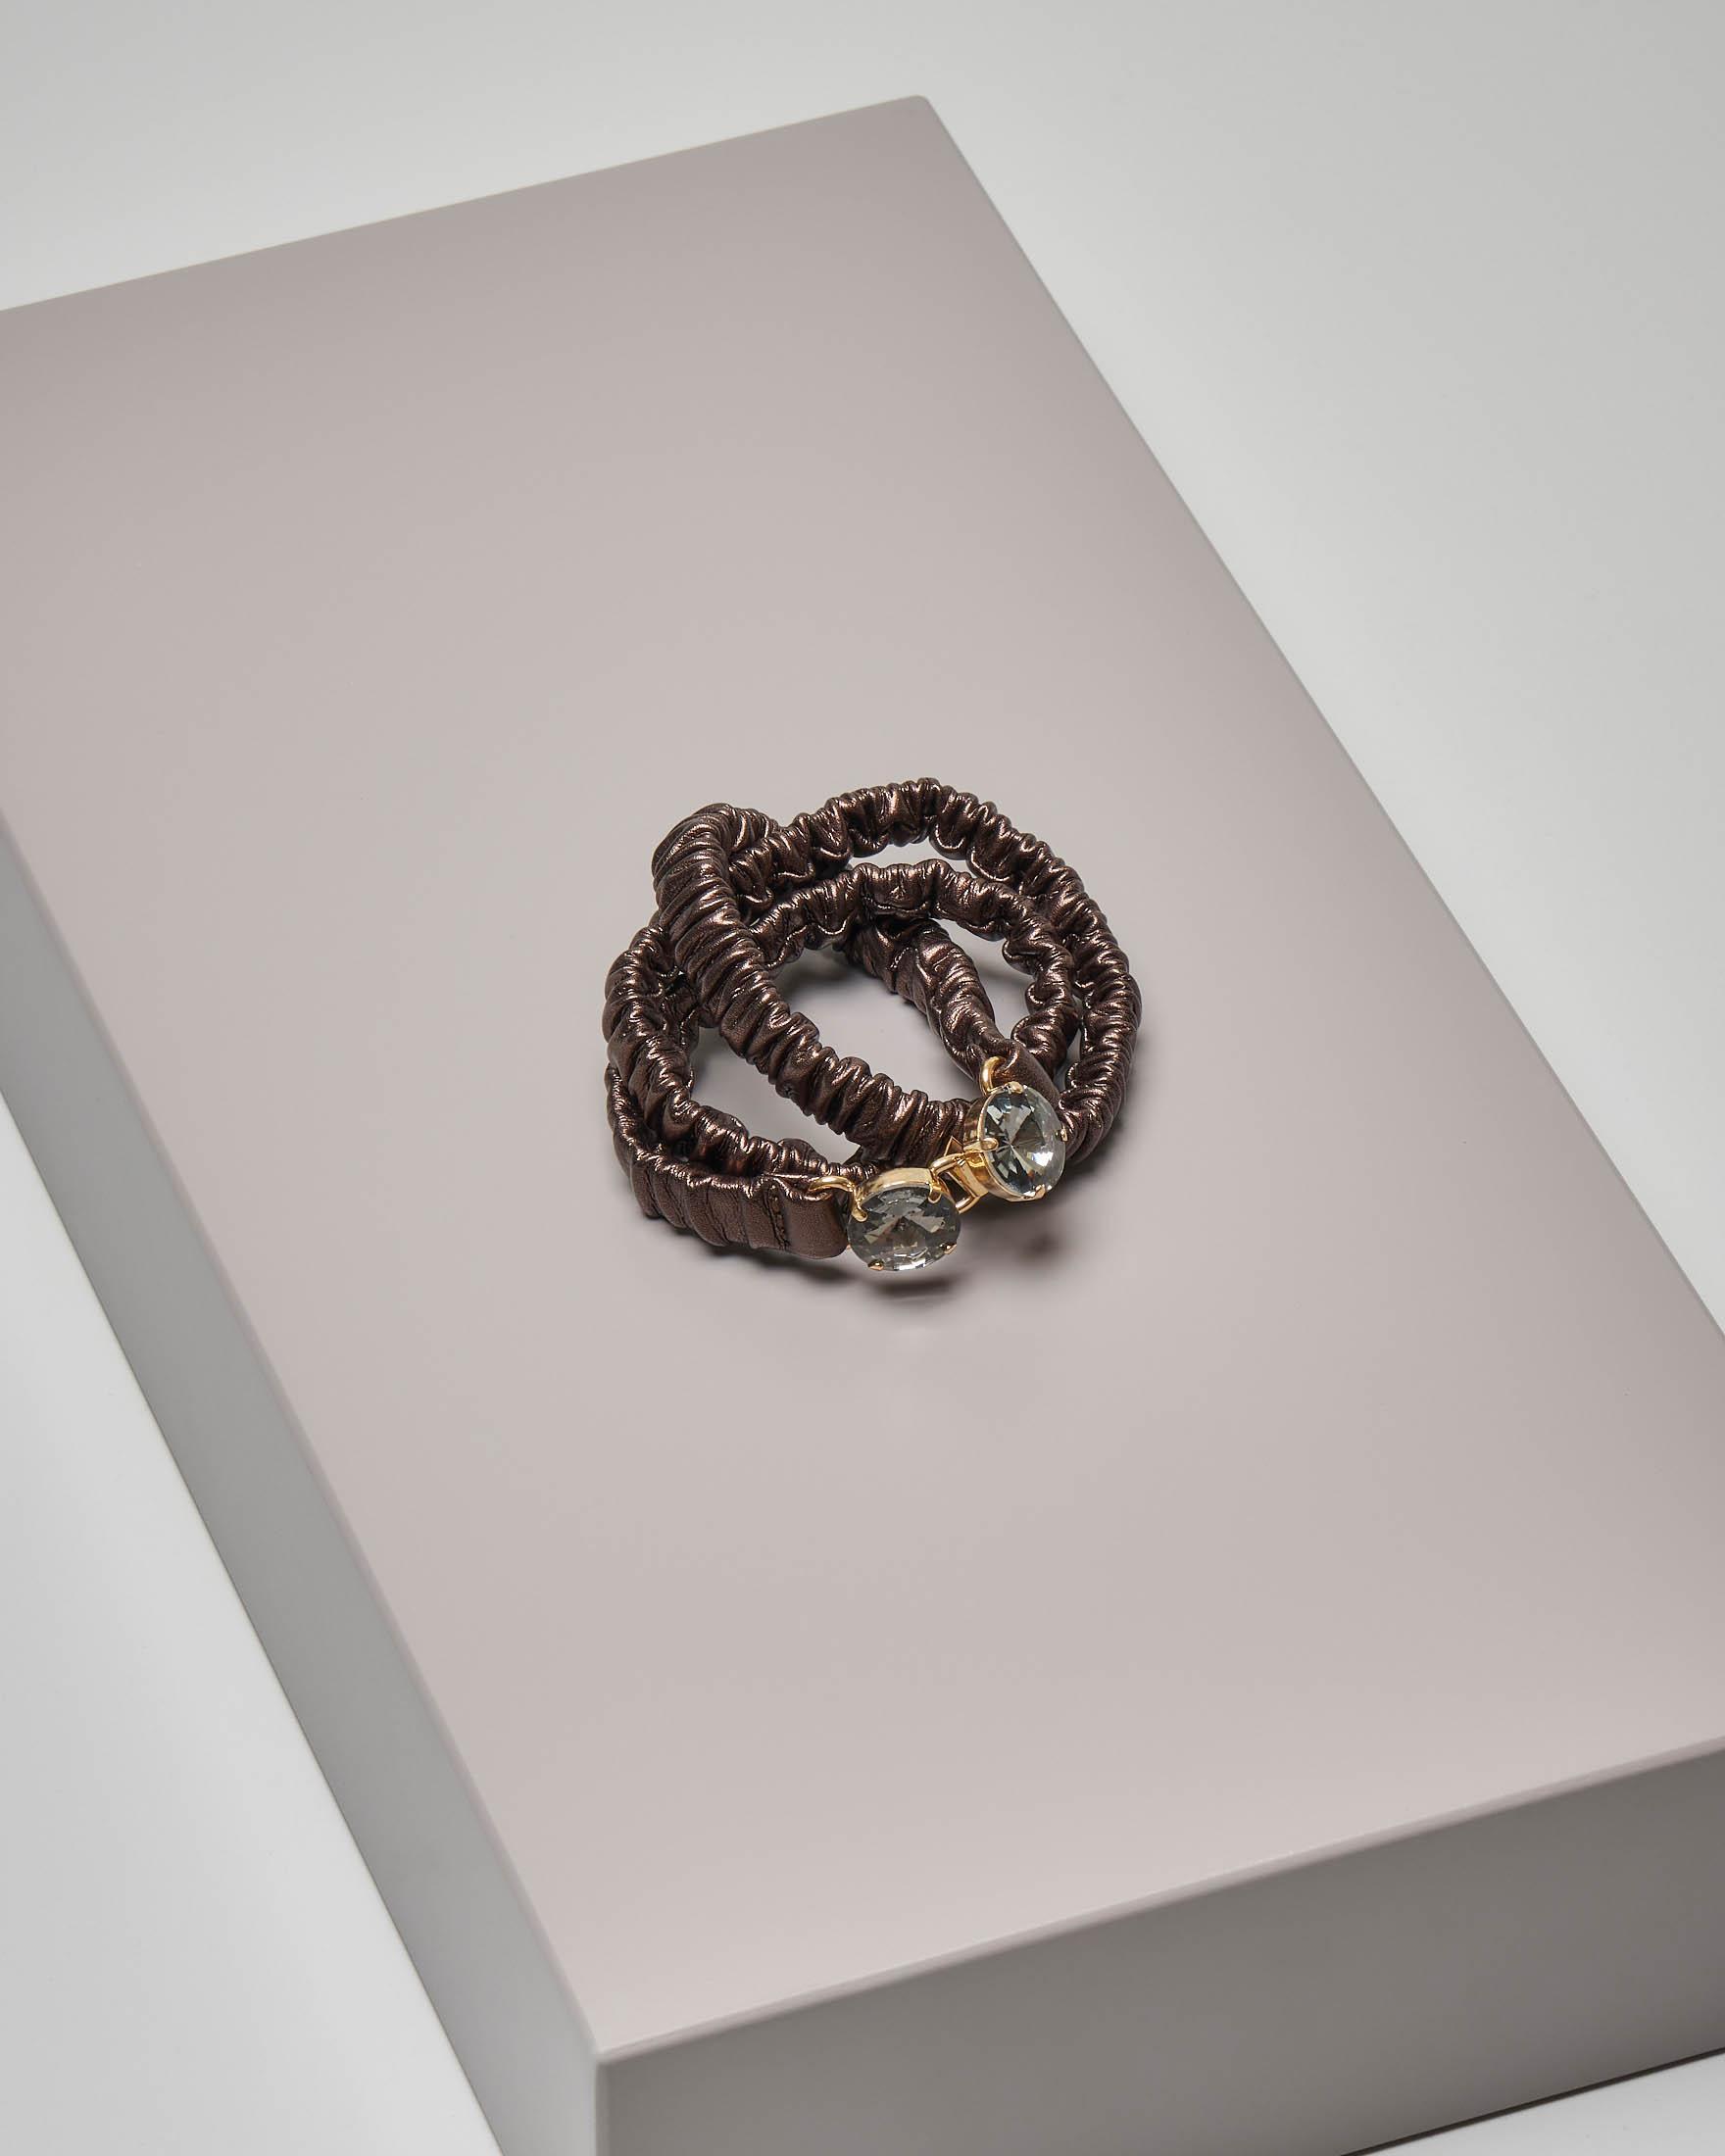 Cintura sottile in ecopelle color bronzo effetto arricciato con doppia chiusura a gioiello